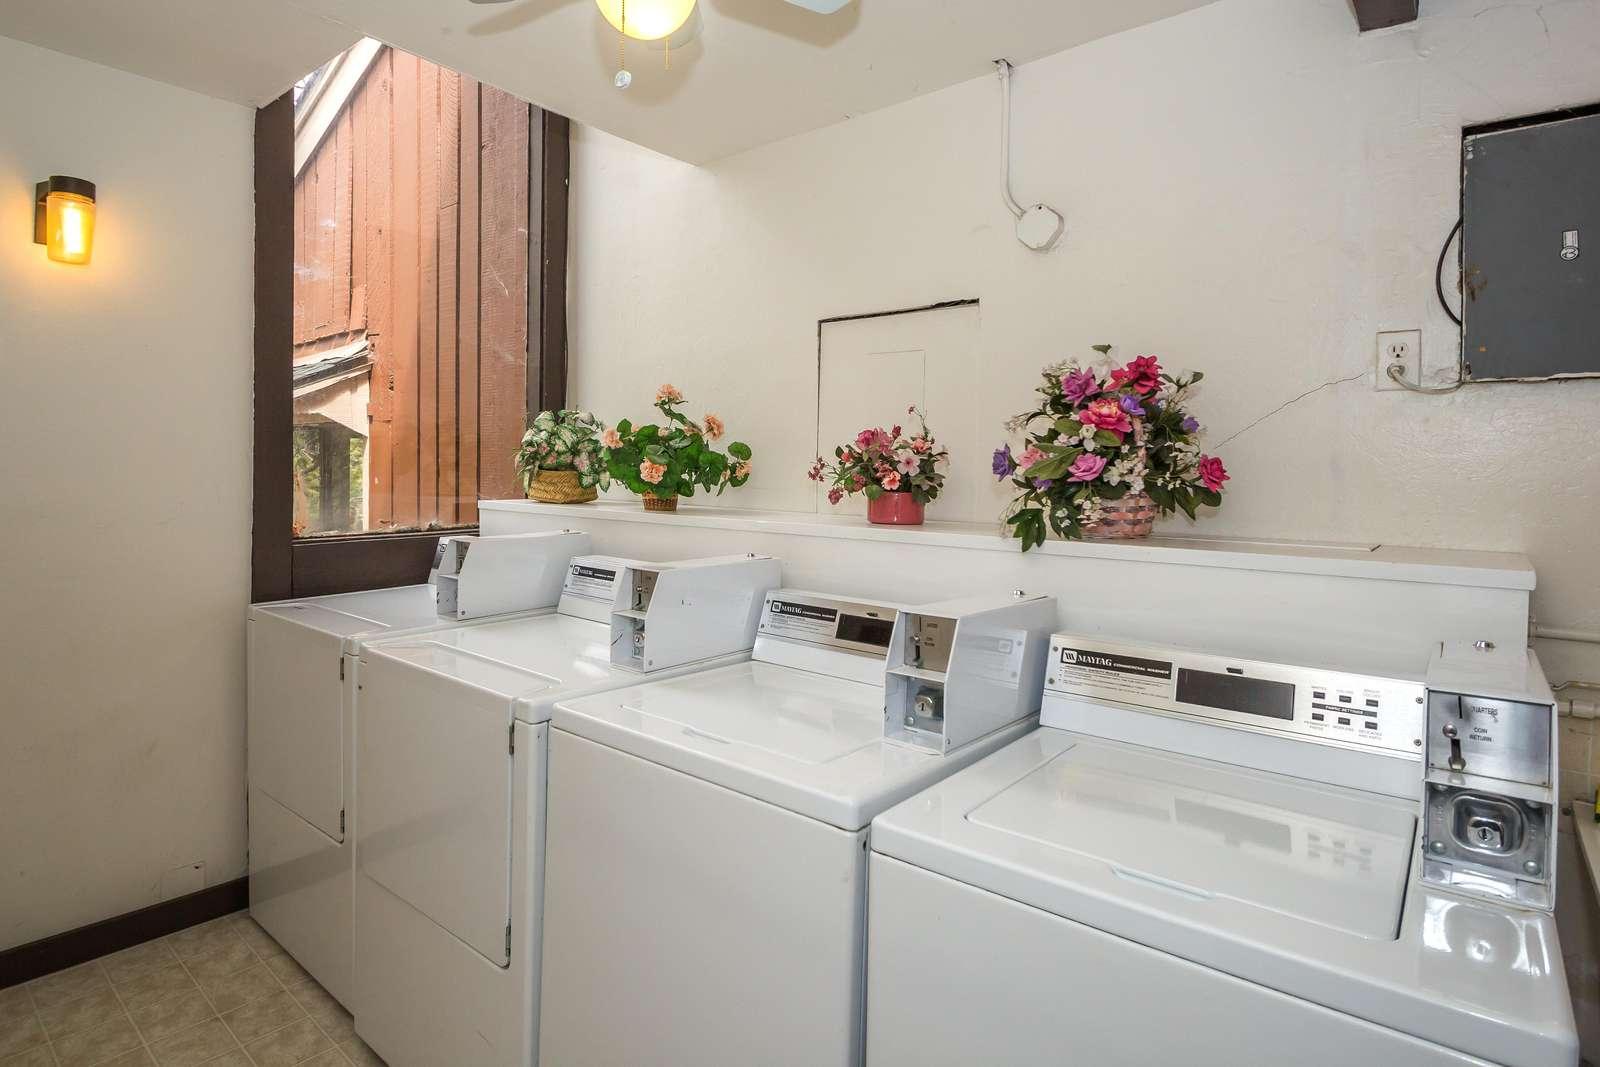 The public laundry room in the condominium building next door has coin-operated machines.